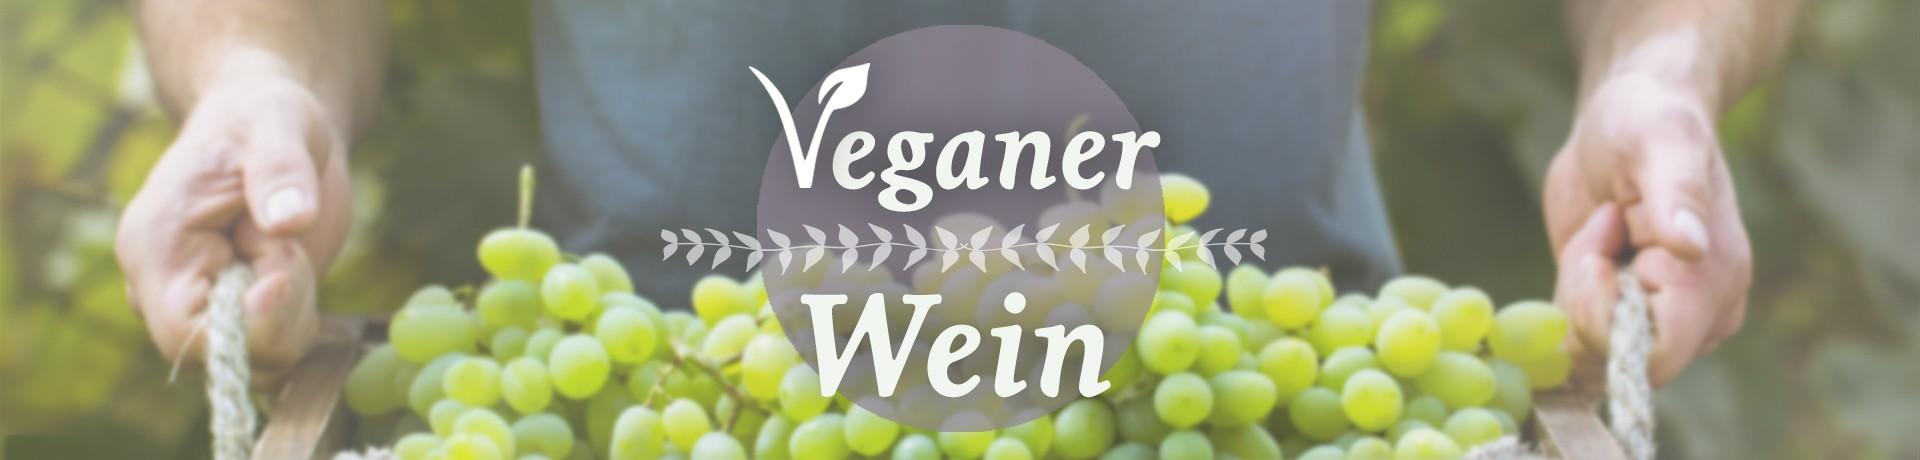 veganer wein